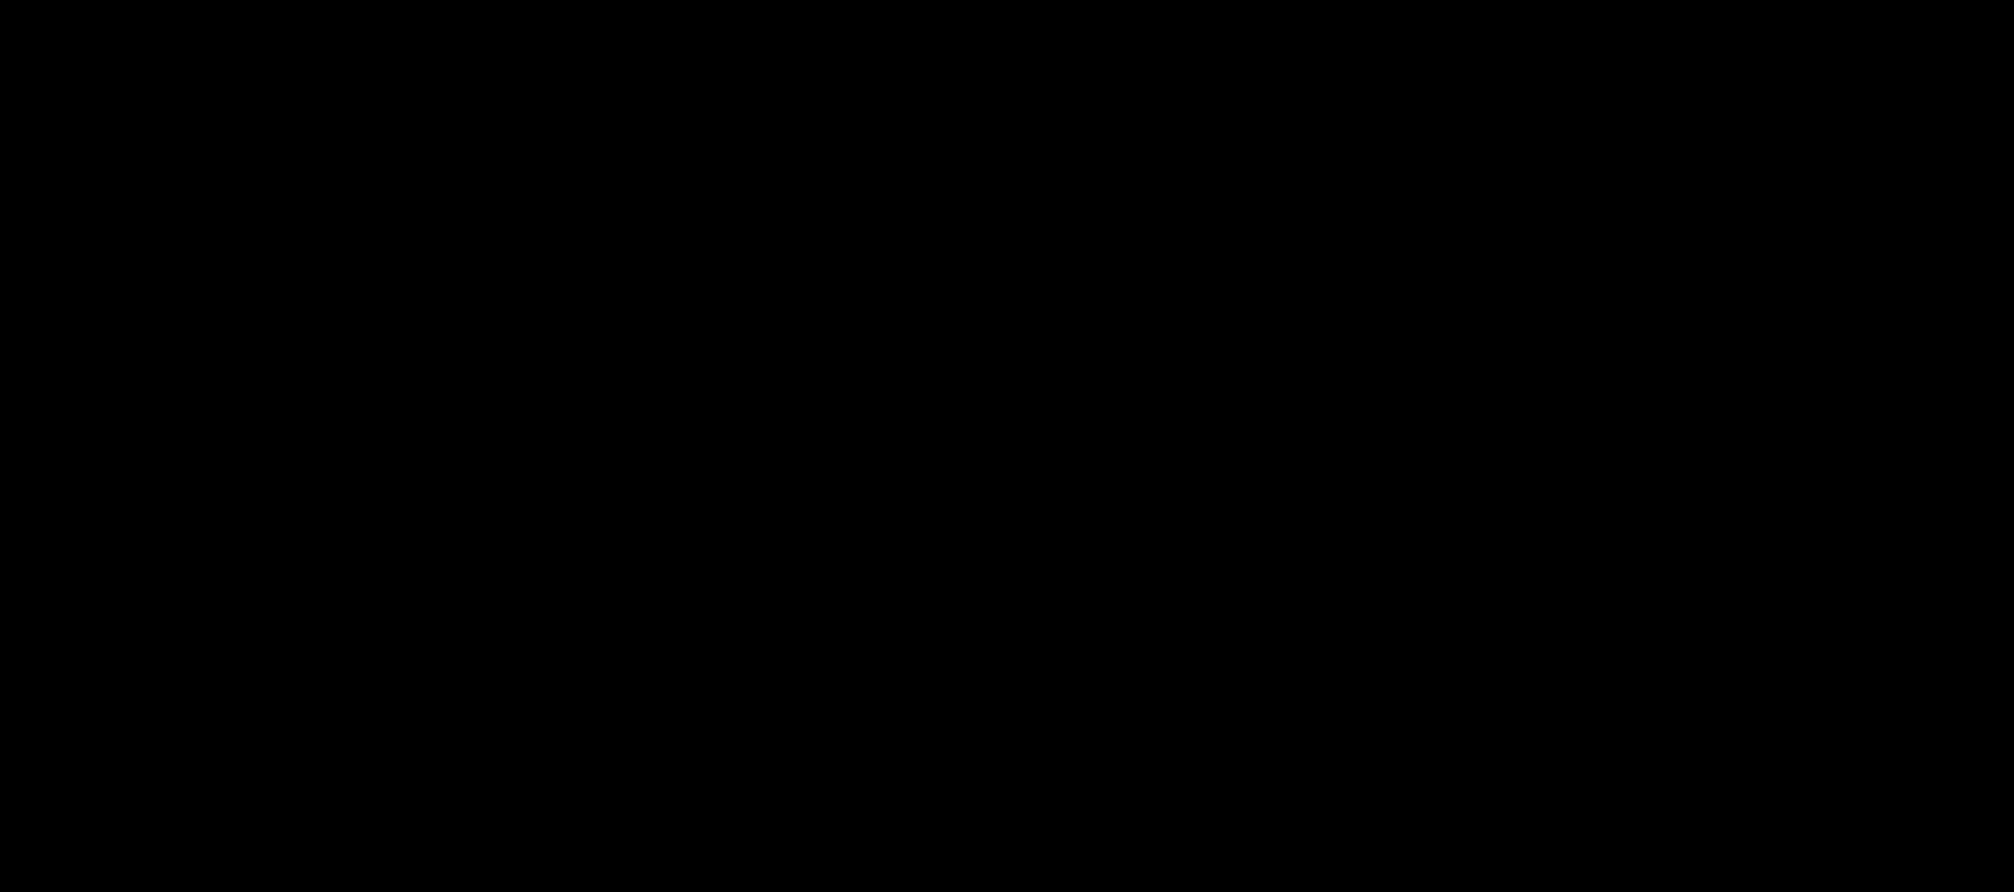 JBIR-44